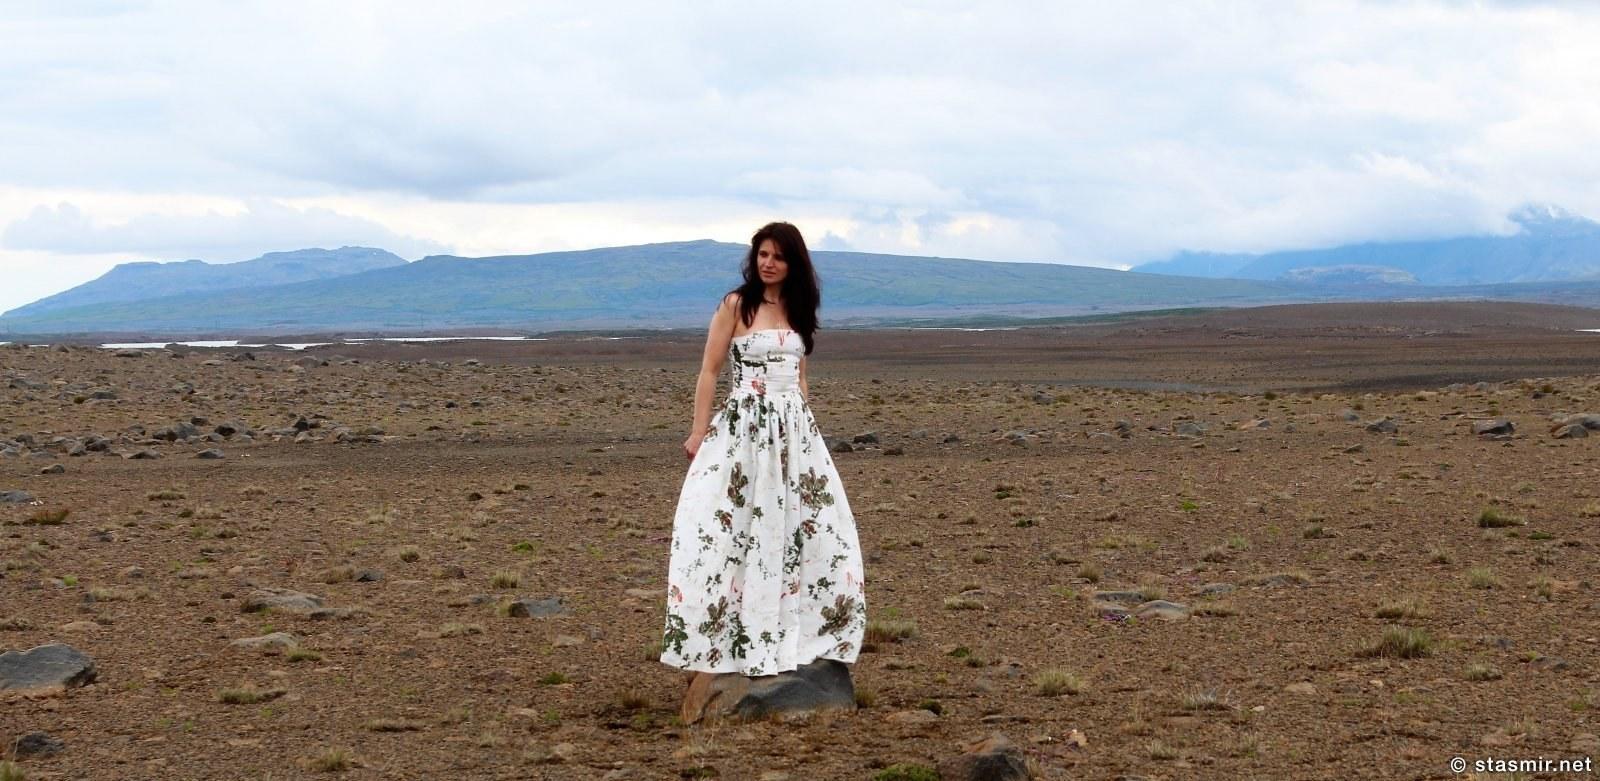 Среди исландского высокогорья, фото Стасмир, photo Stasmir